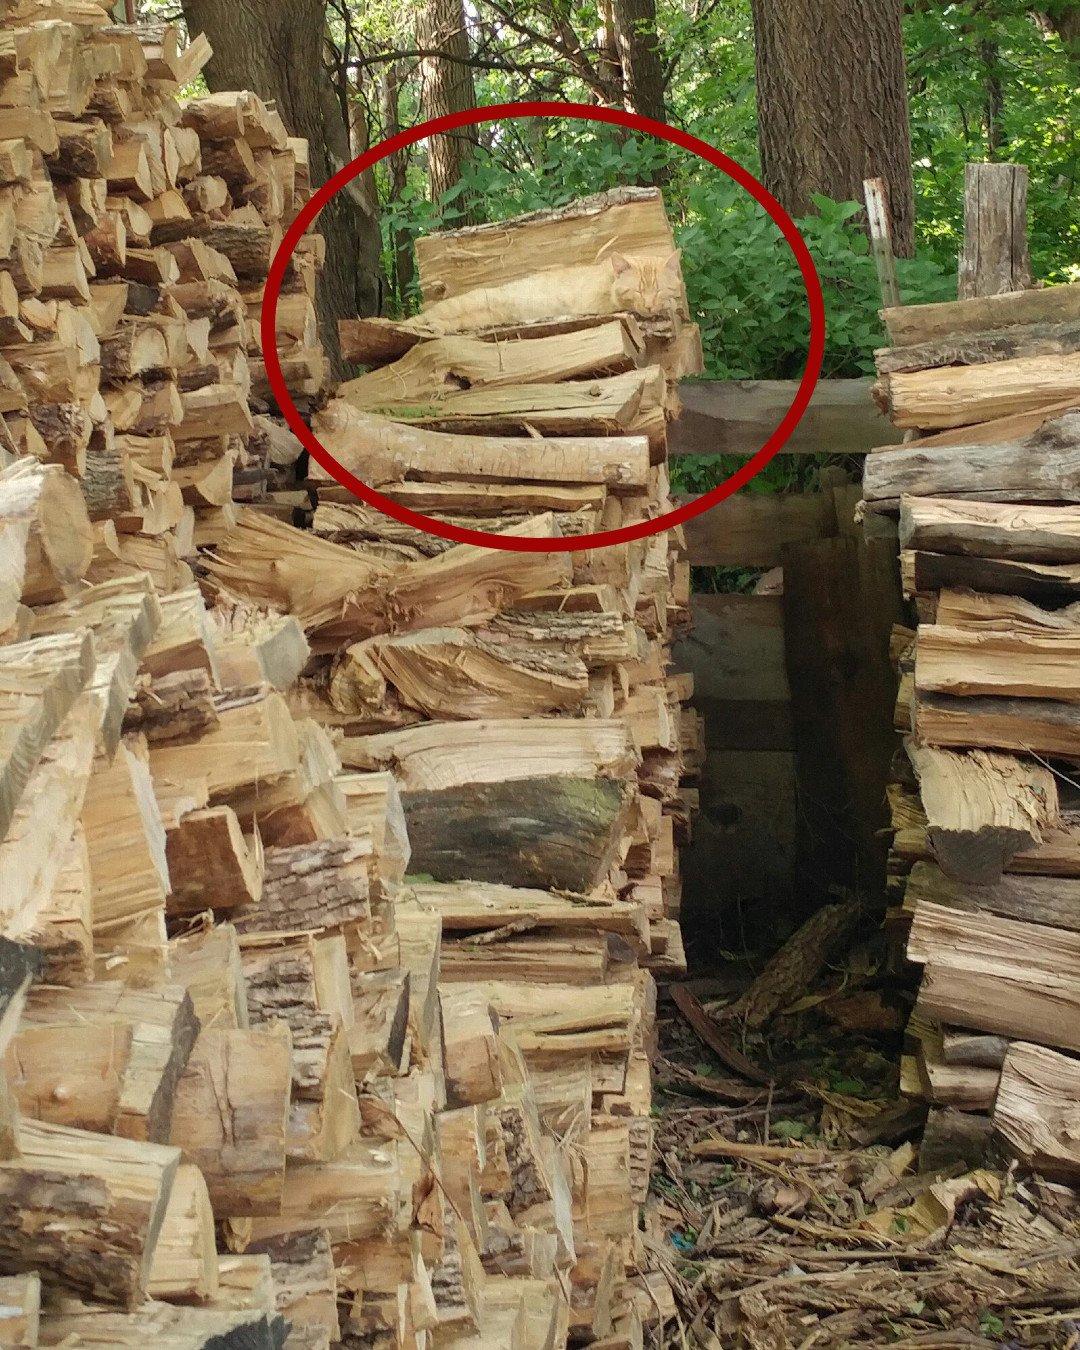 Rudy kot spiący na drewnie - rozwiązanie zagadki